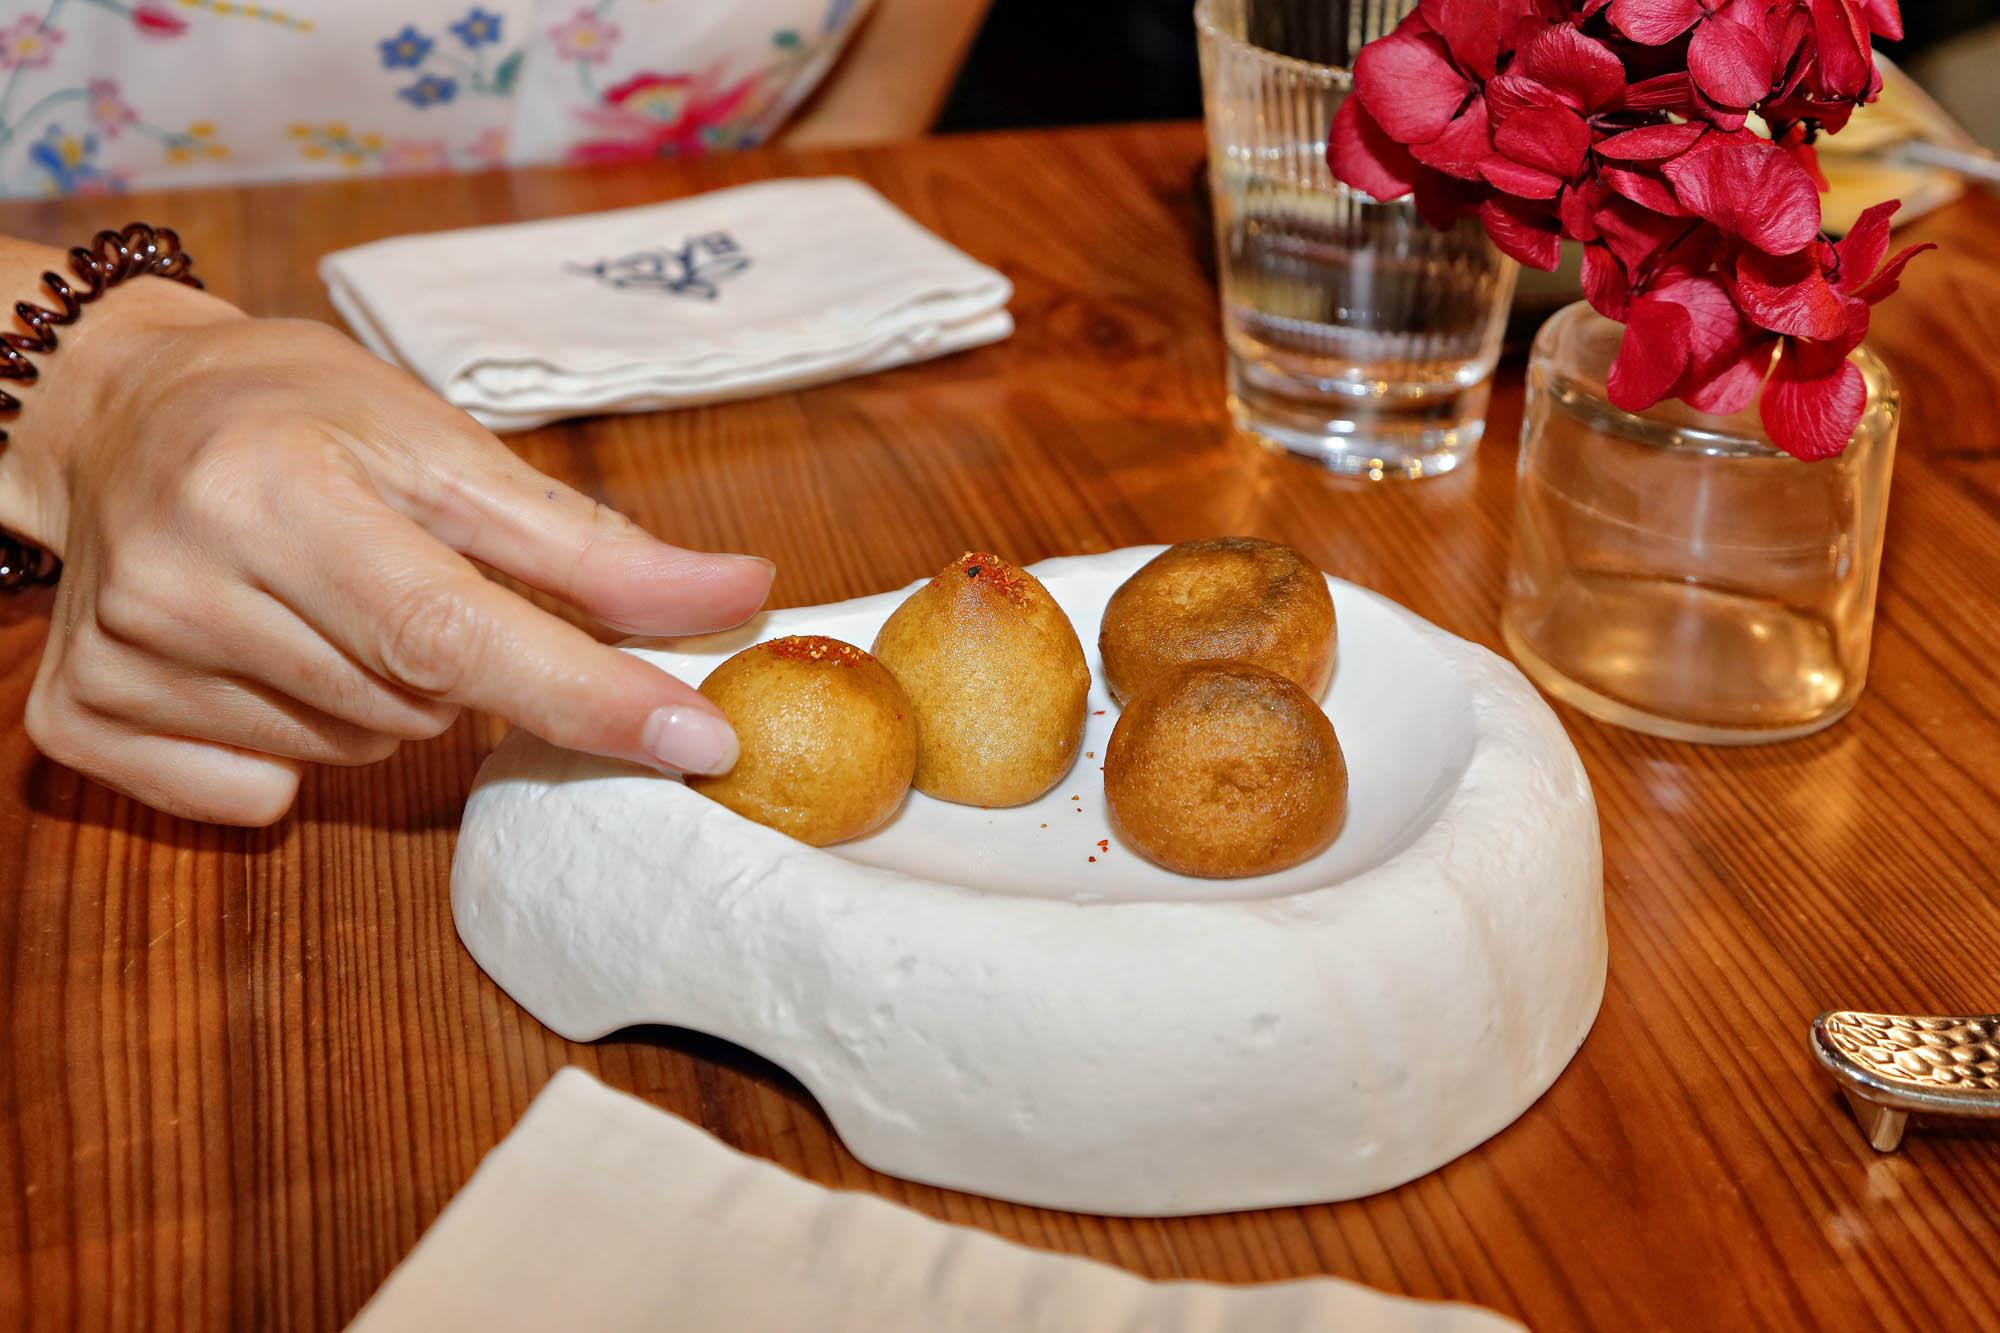 Los buñuelos de carrueco y de morcilla en caldera abren el menú degustación.